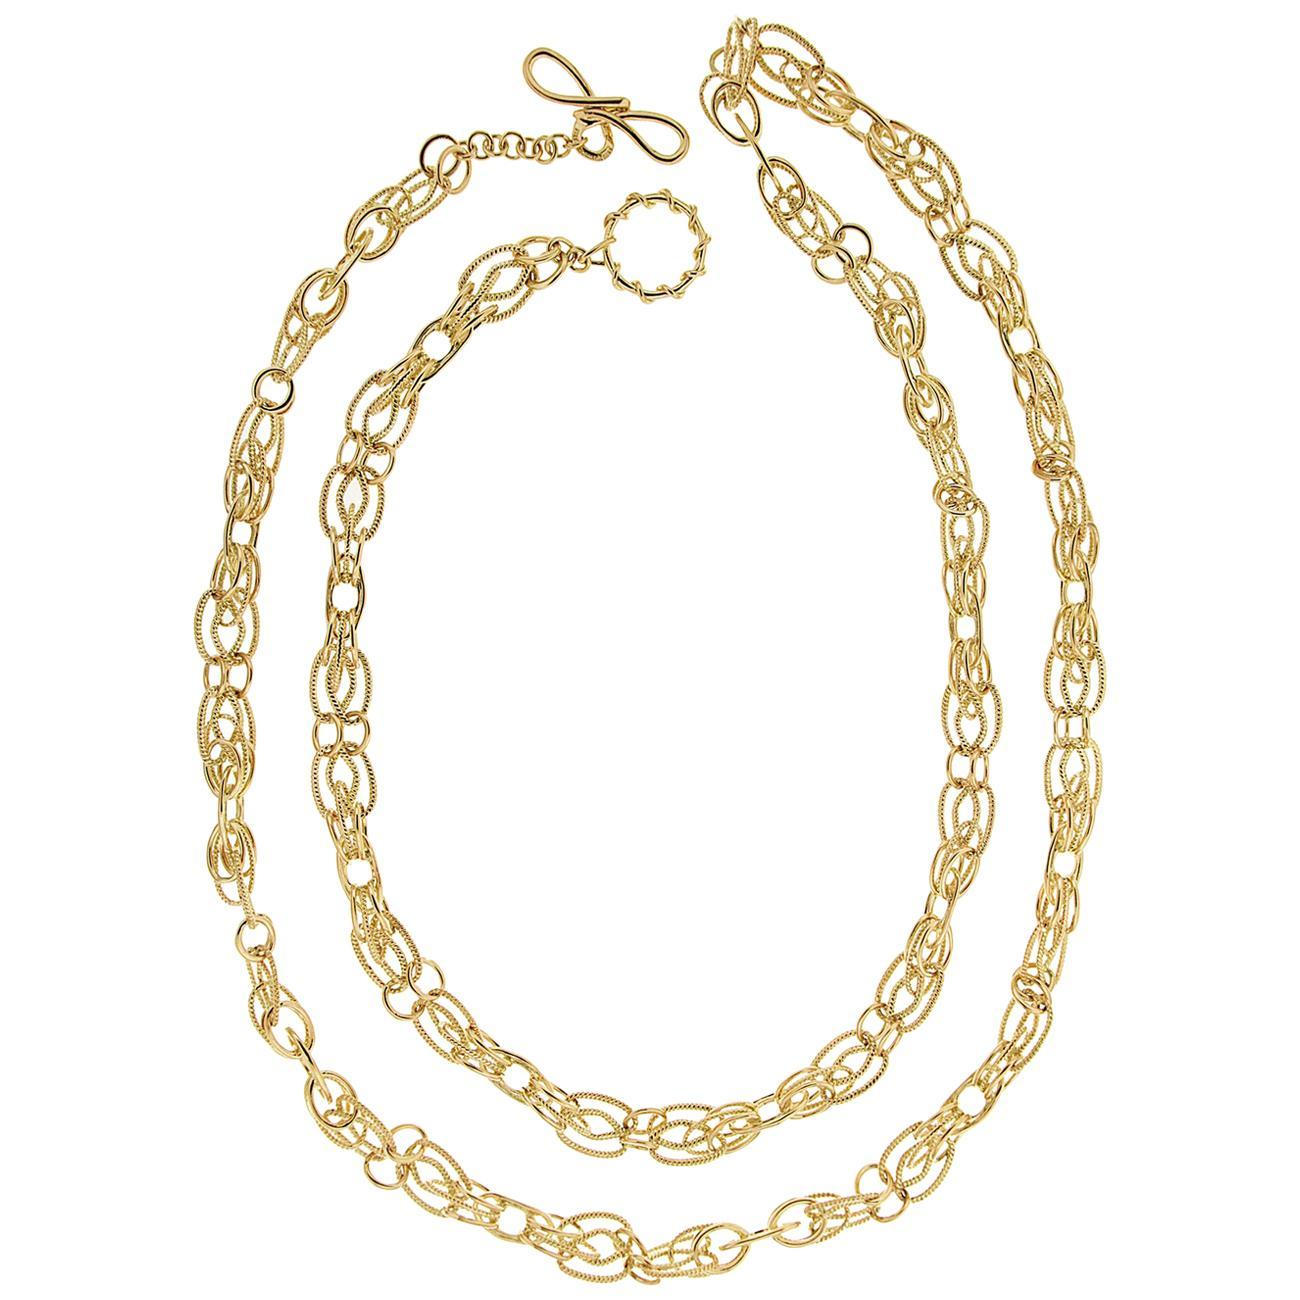 Valentin Magro 18 Karat Yellow Gold Interlocking Chain Necklace